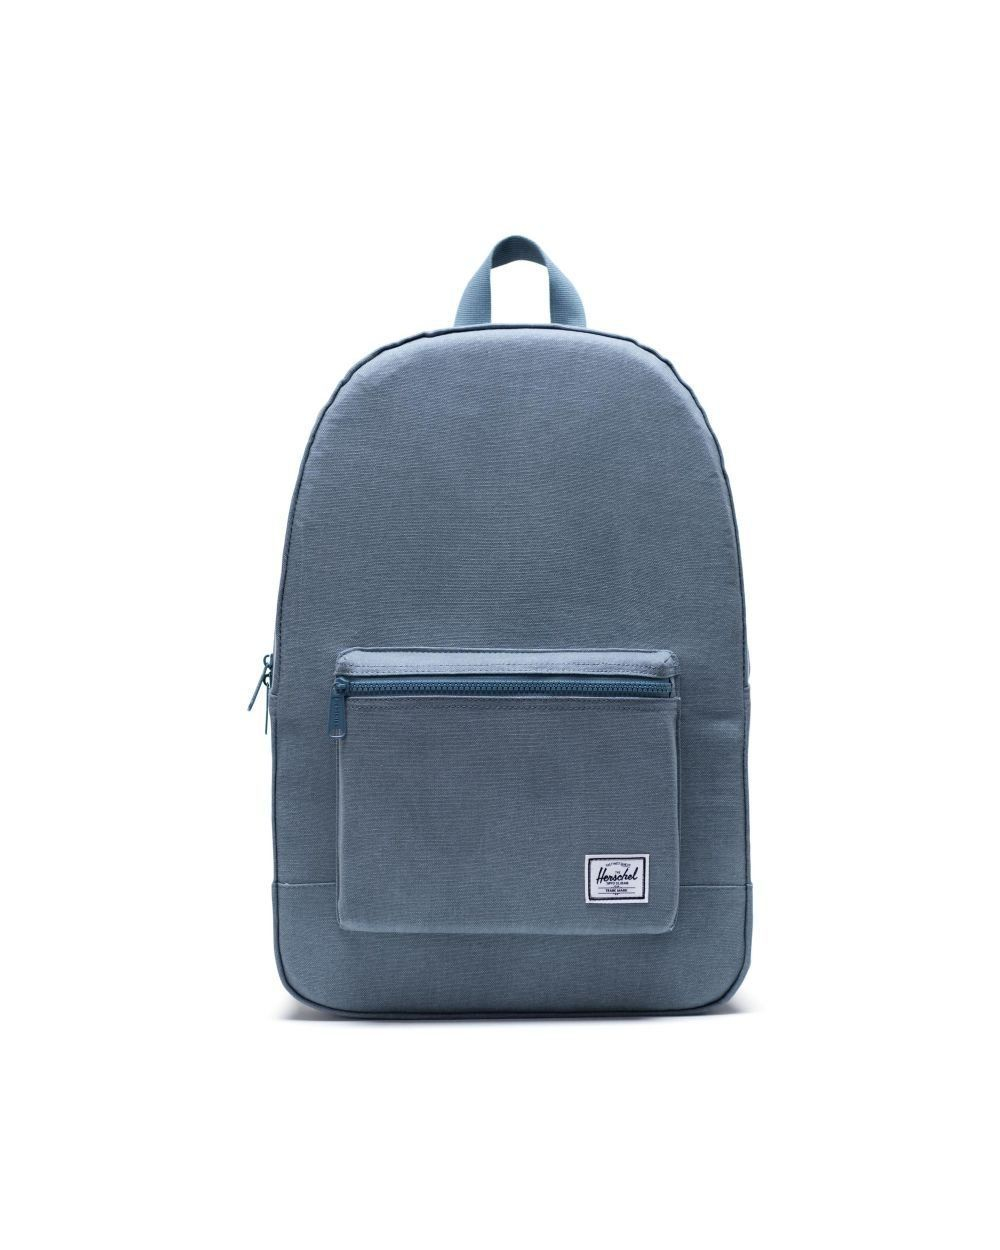 Herschel cotton backpack